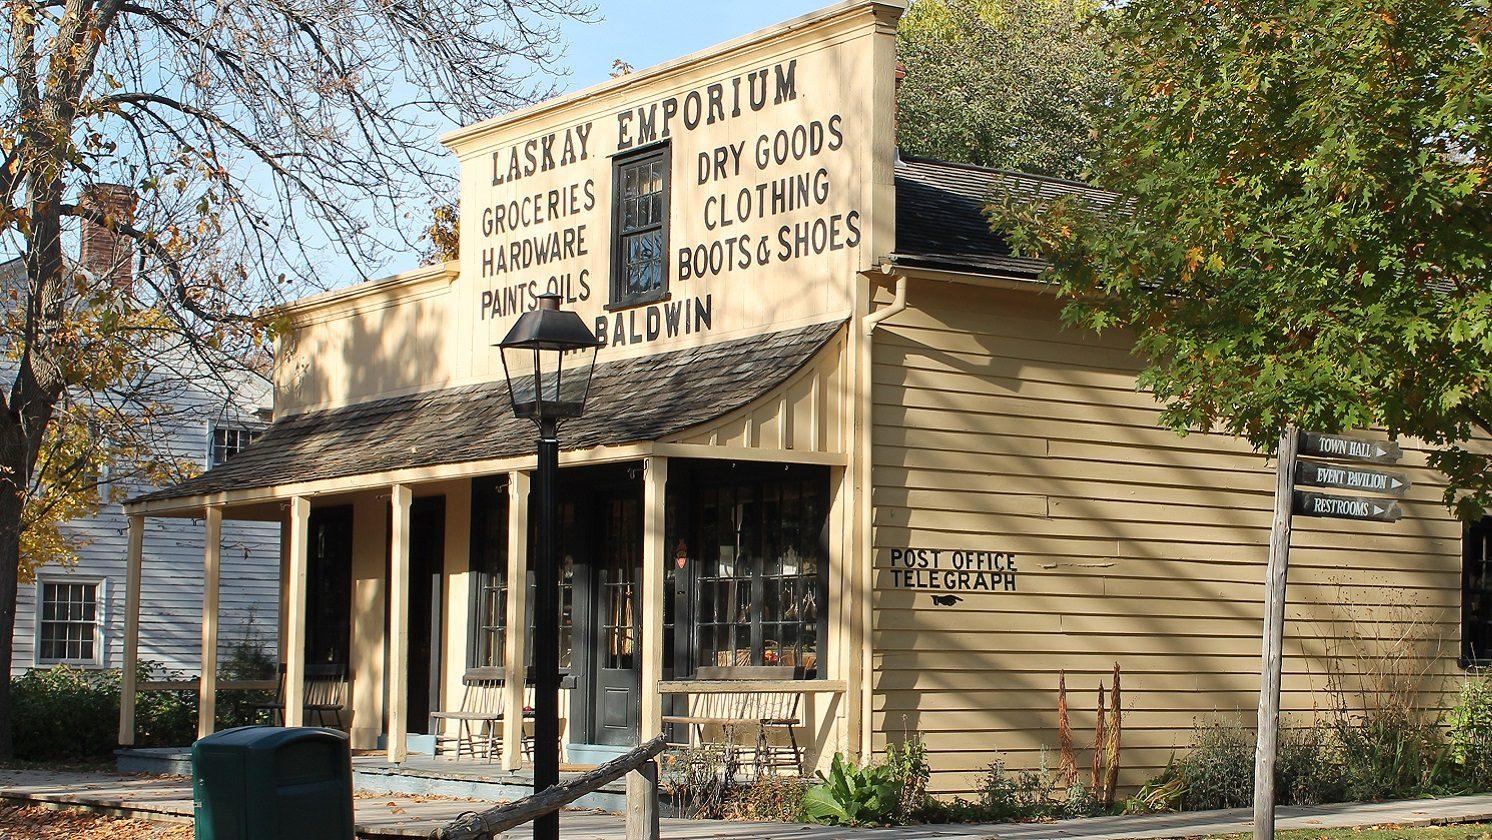 Laskay Emporium at Black Creek Pioneer Village